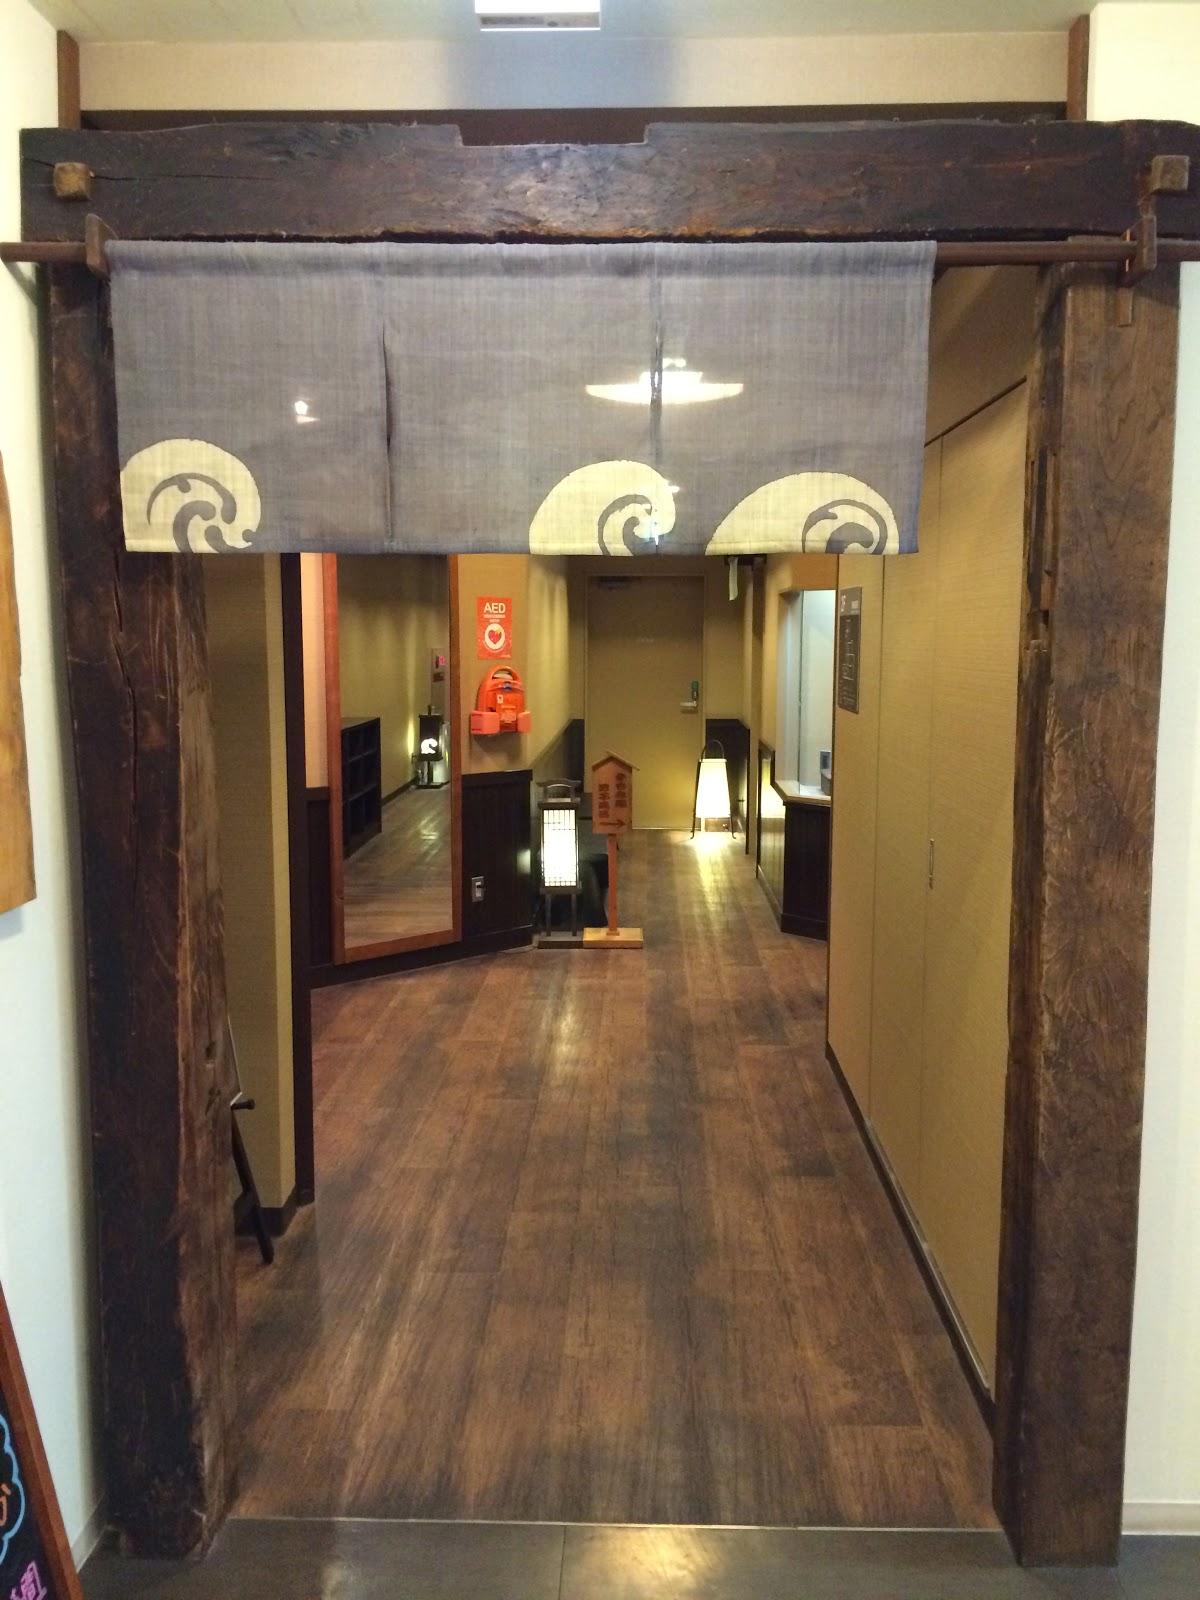 囧園的疼痛人生: 天然溫泉 御笠の湯 ドーミーイン博多祇園 Dormy Inn Hakata Gion